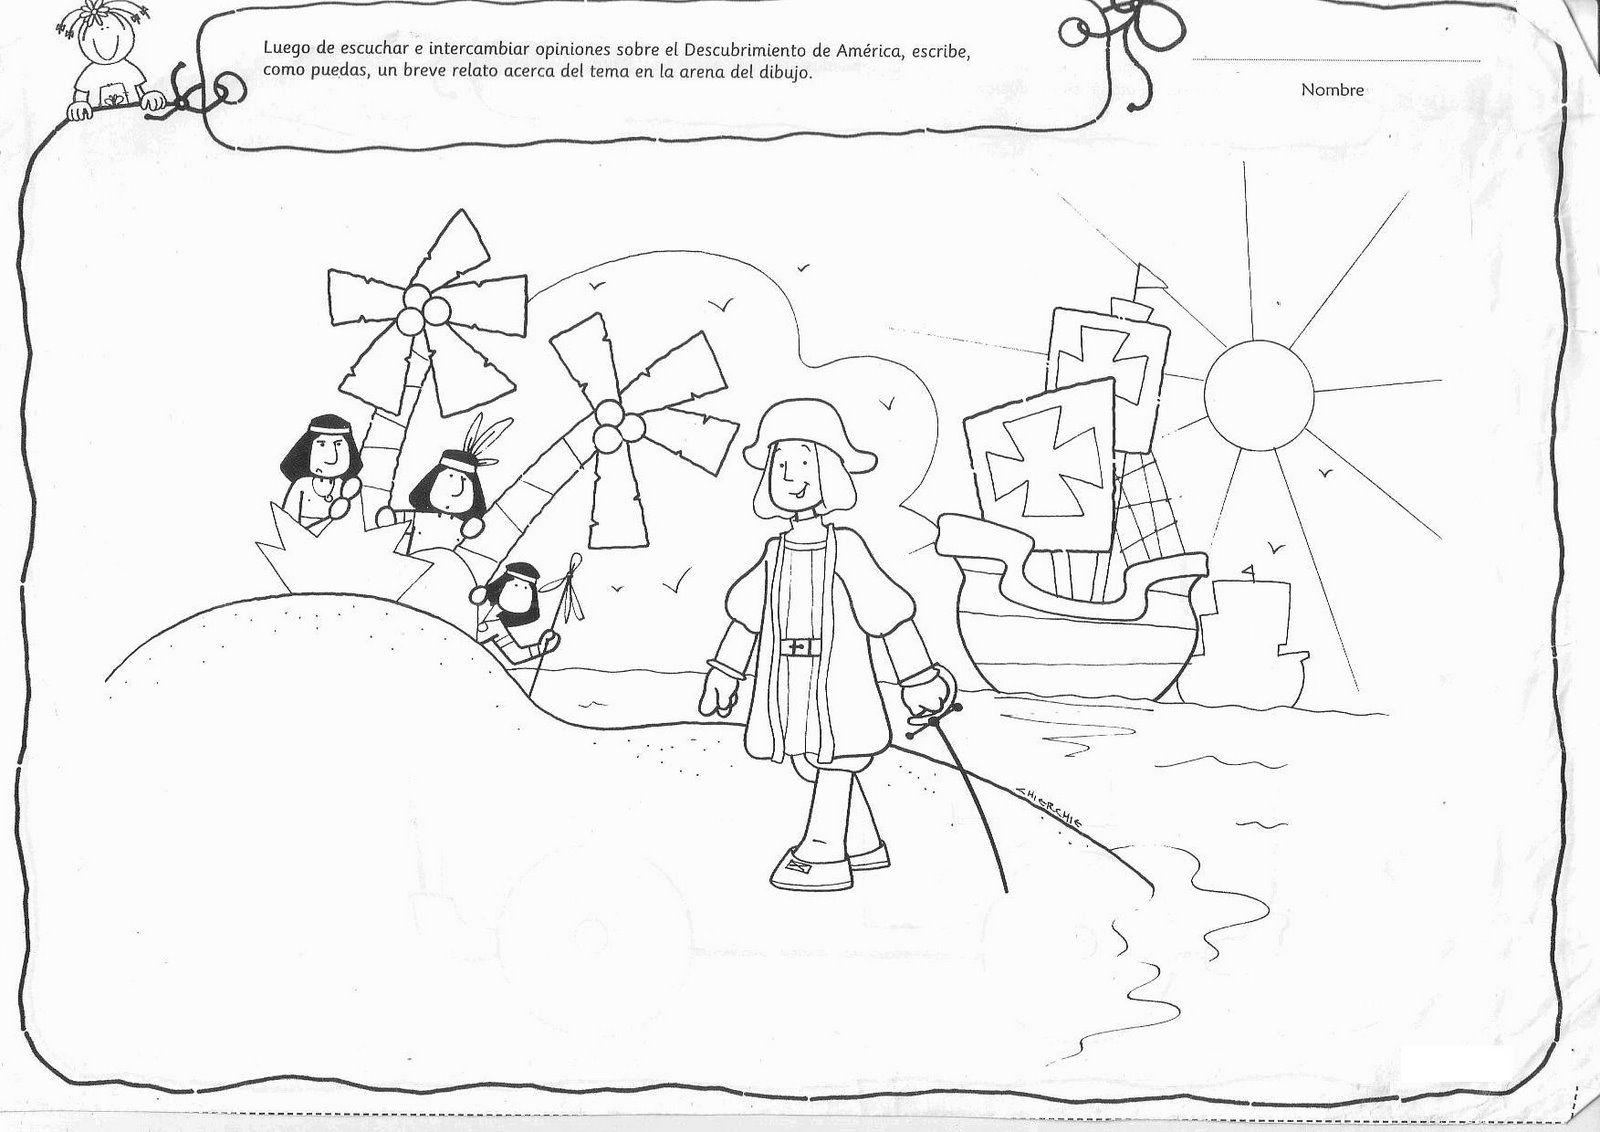 dibujos-para-ninos-del-descubrimiento-de-america-fichaparapintar101.jpg  (1600×1132)   Cristobal colon para niños, Día de la hispanidad, Actividades